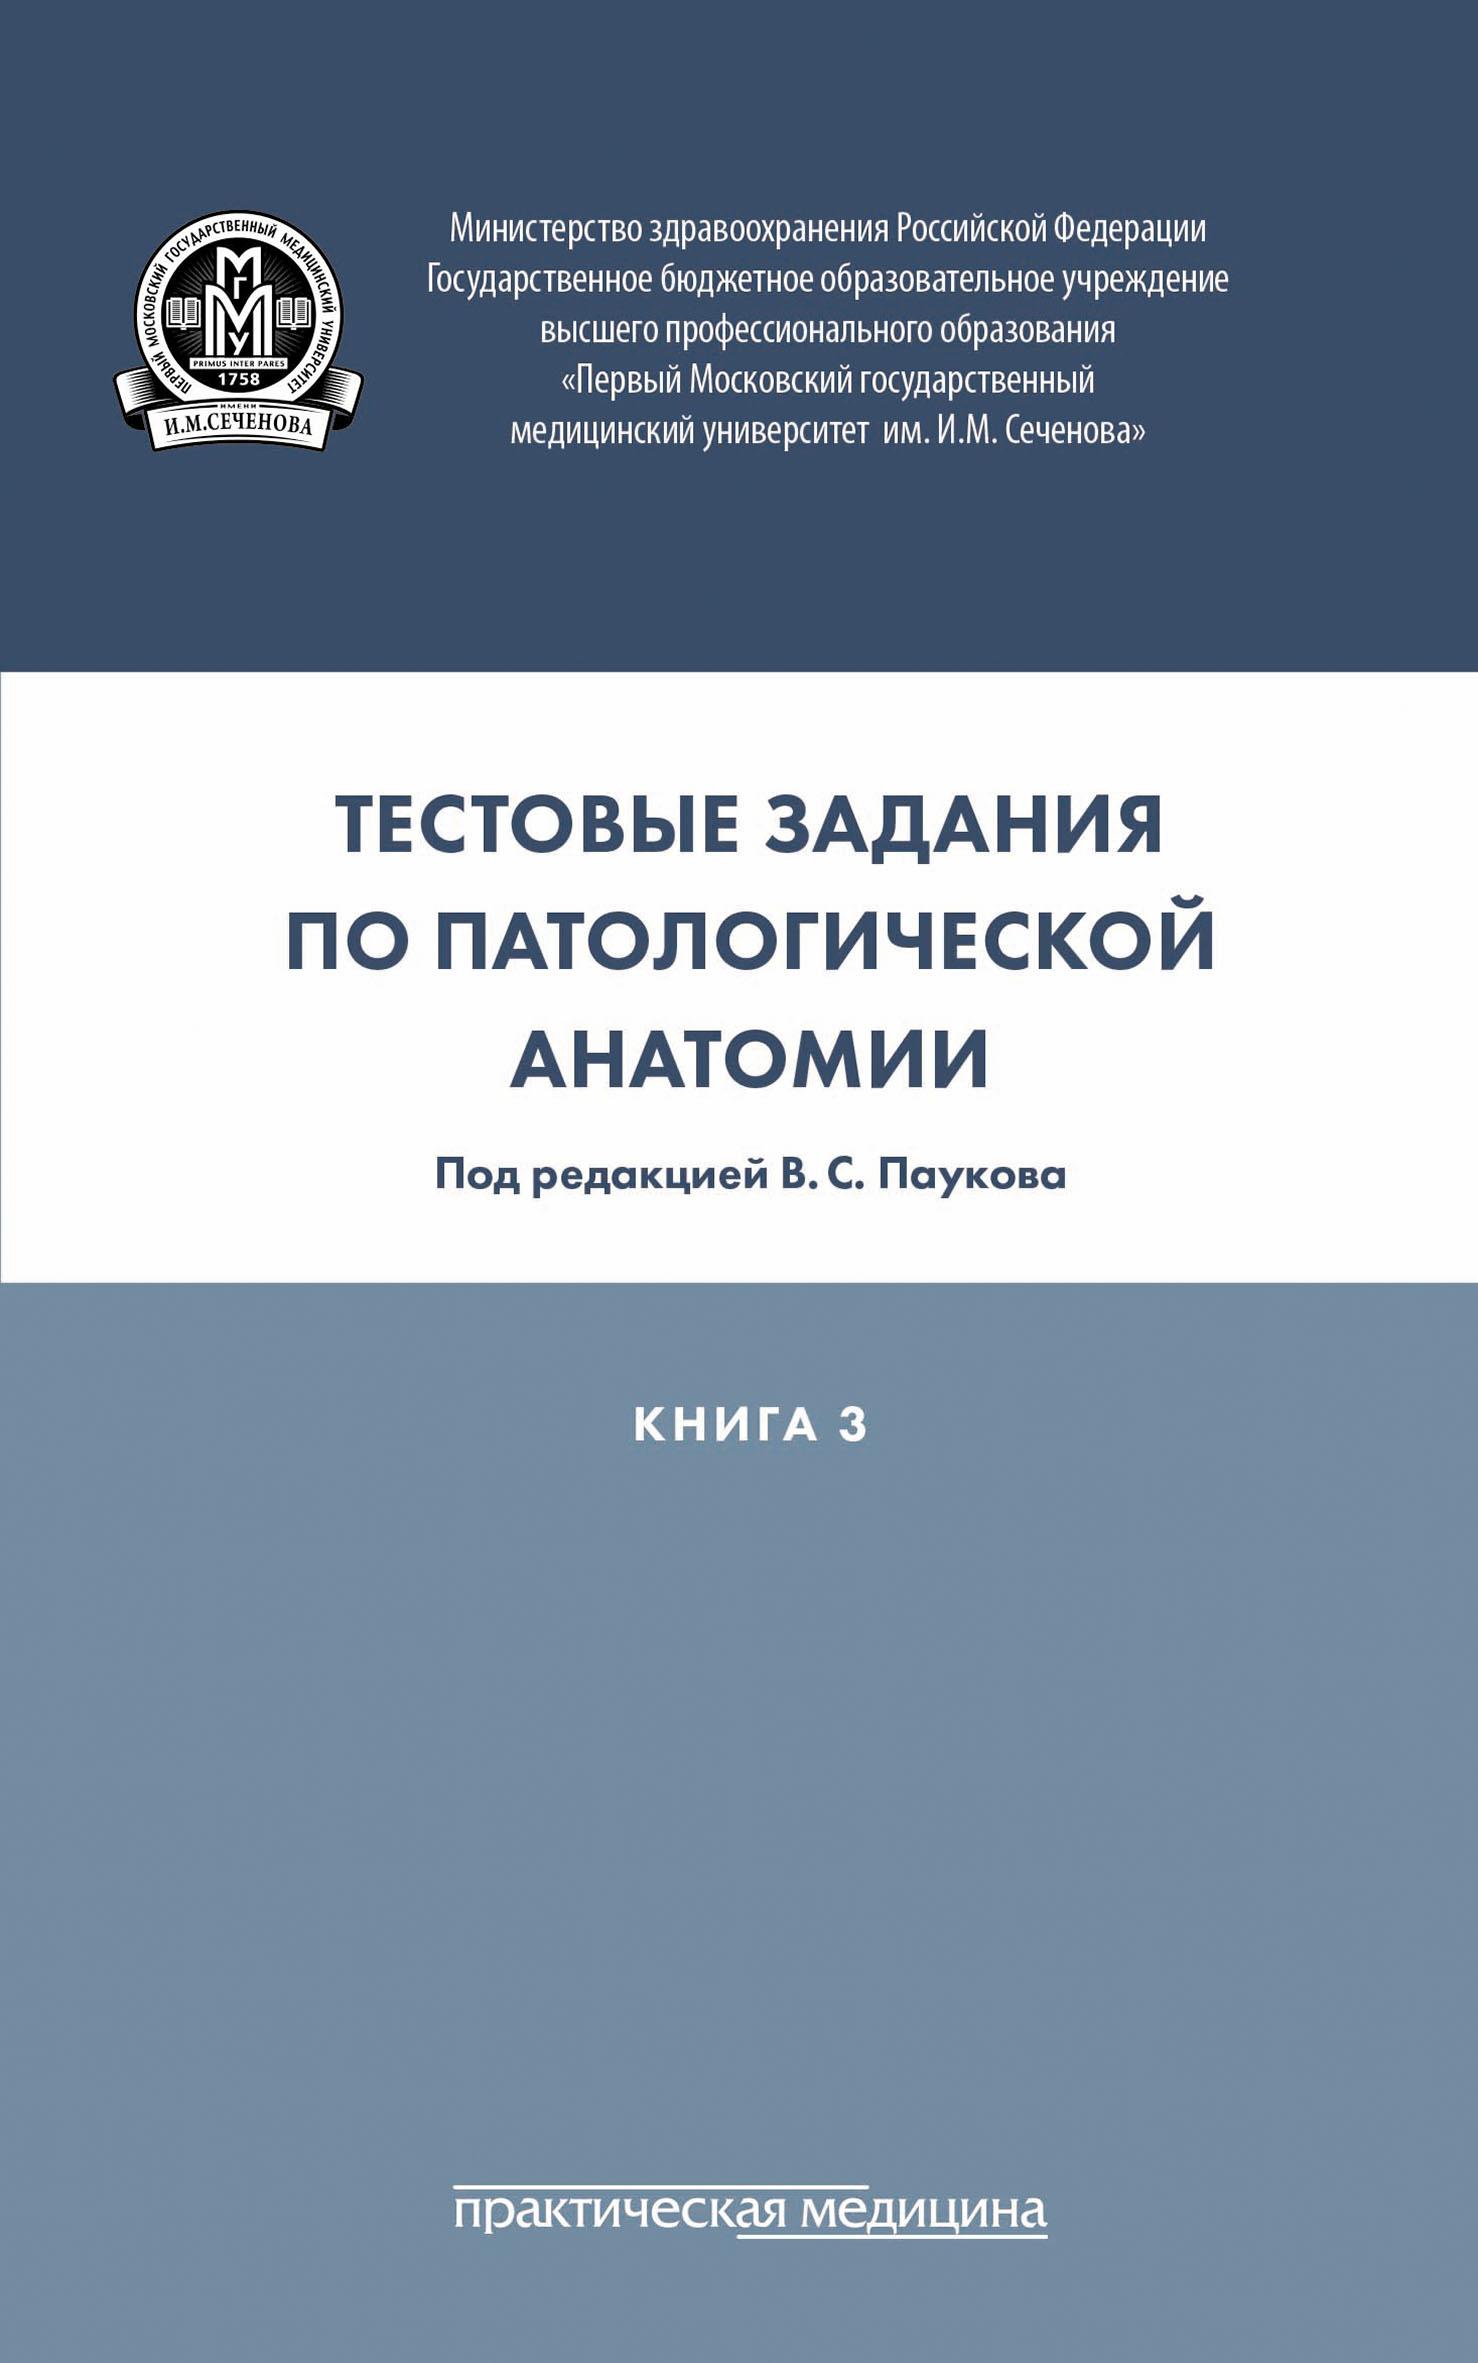 Тестовые задания по патологической анатомии. Книга 3